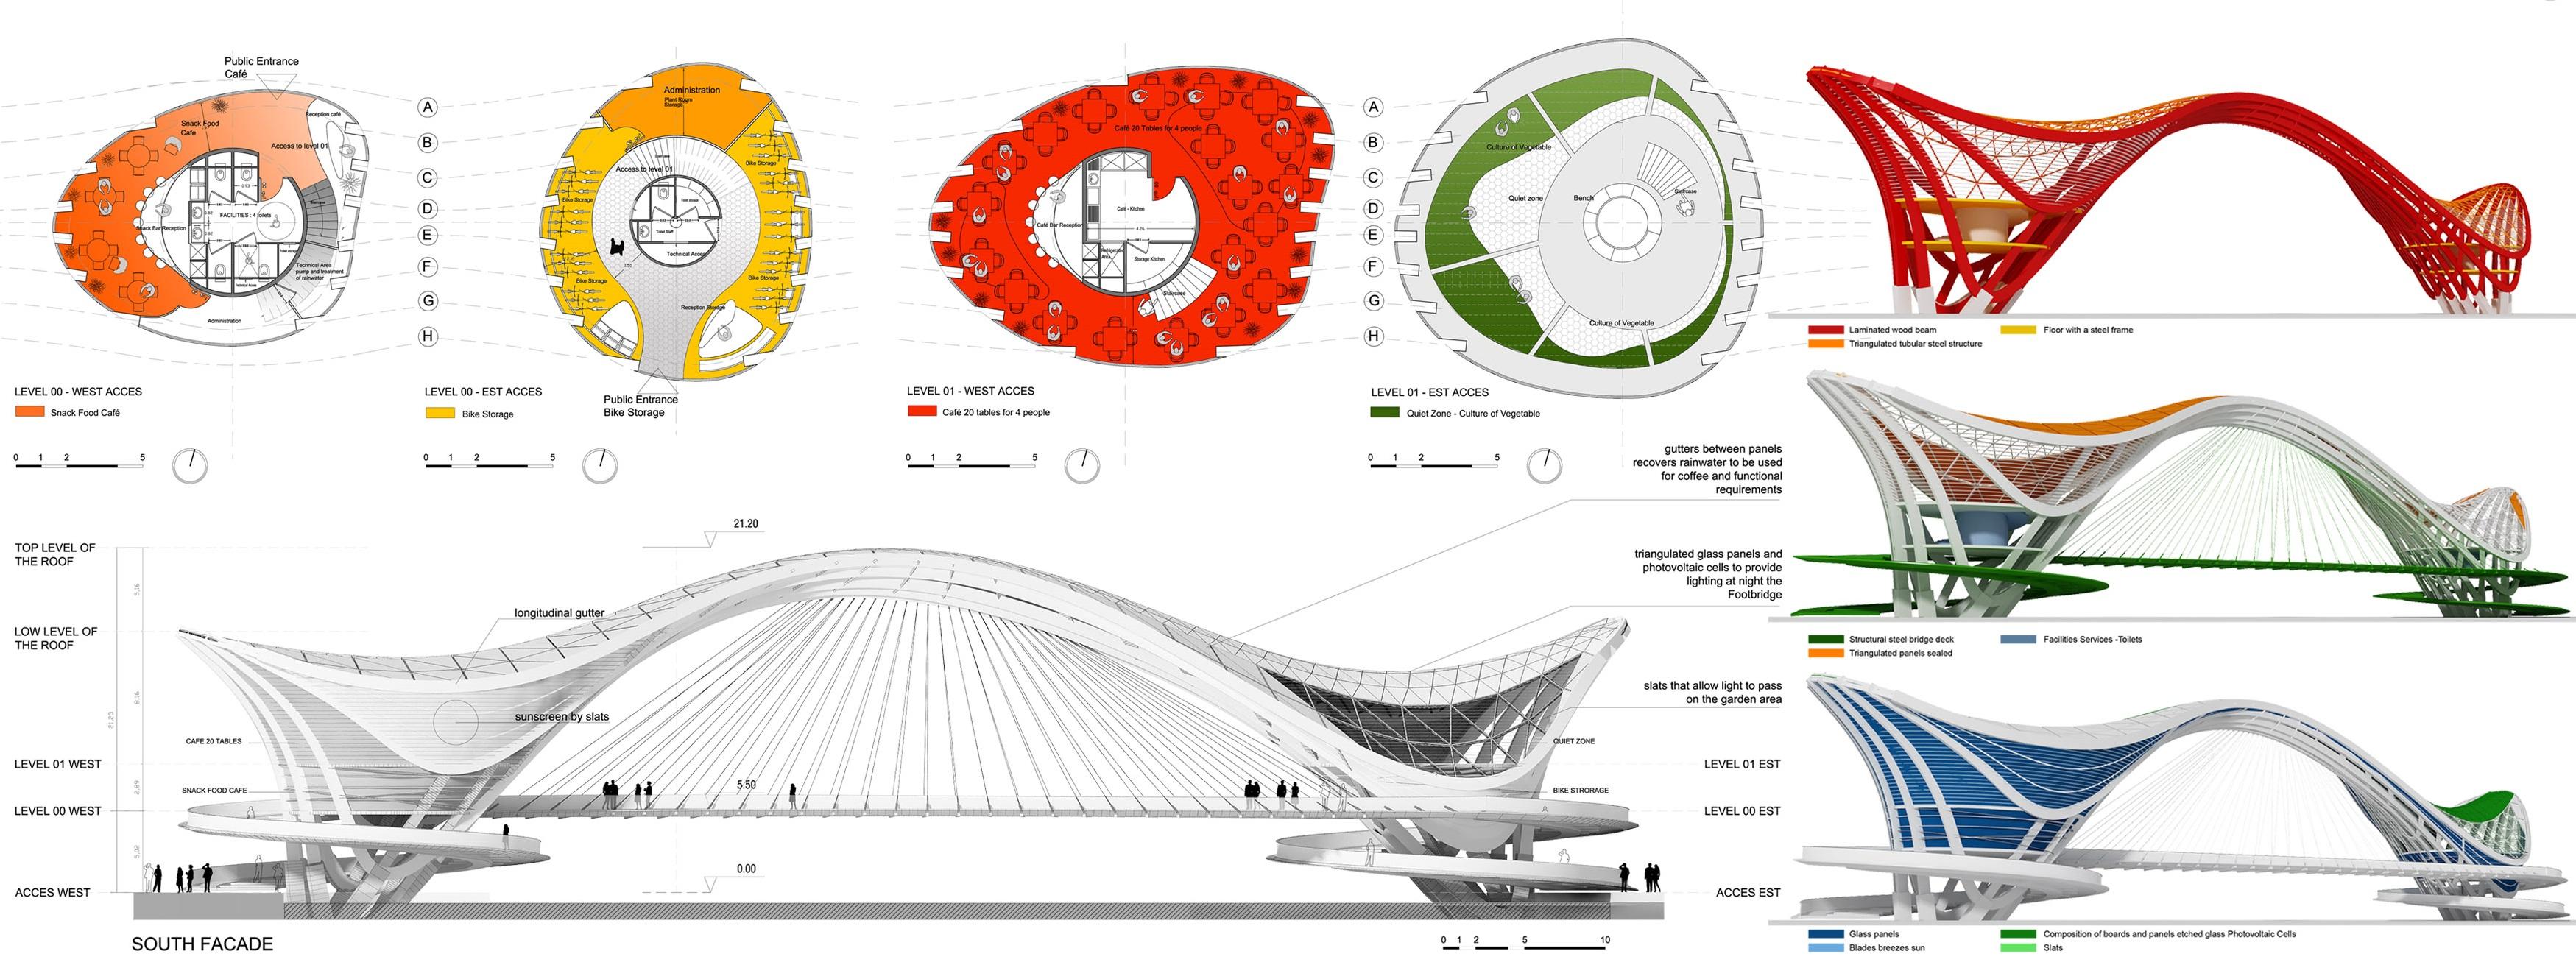 Bridge detailing